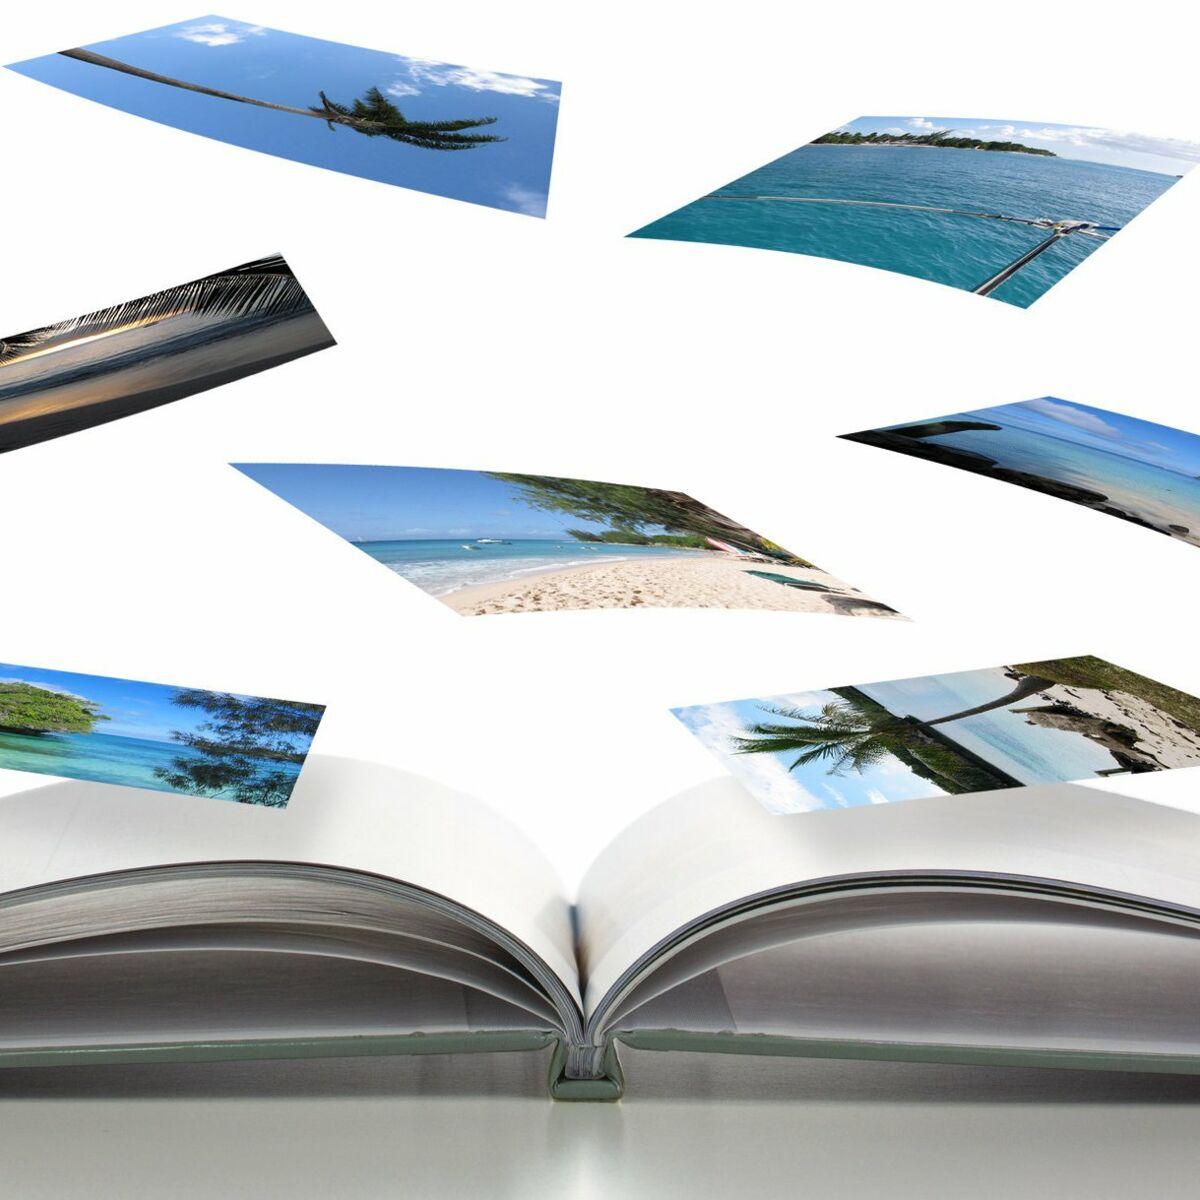 Livres Photo Les Meilleurs Sites Pour Faire Ses Albums En Ligne